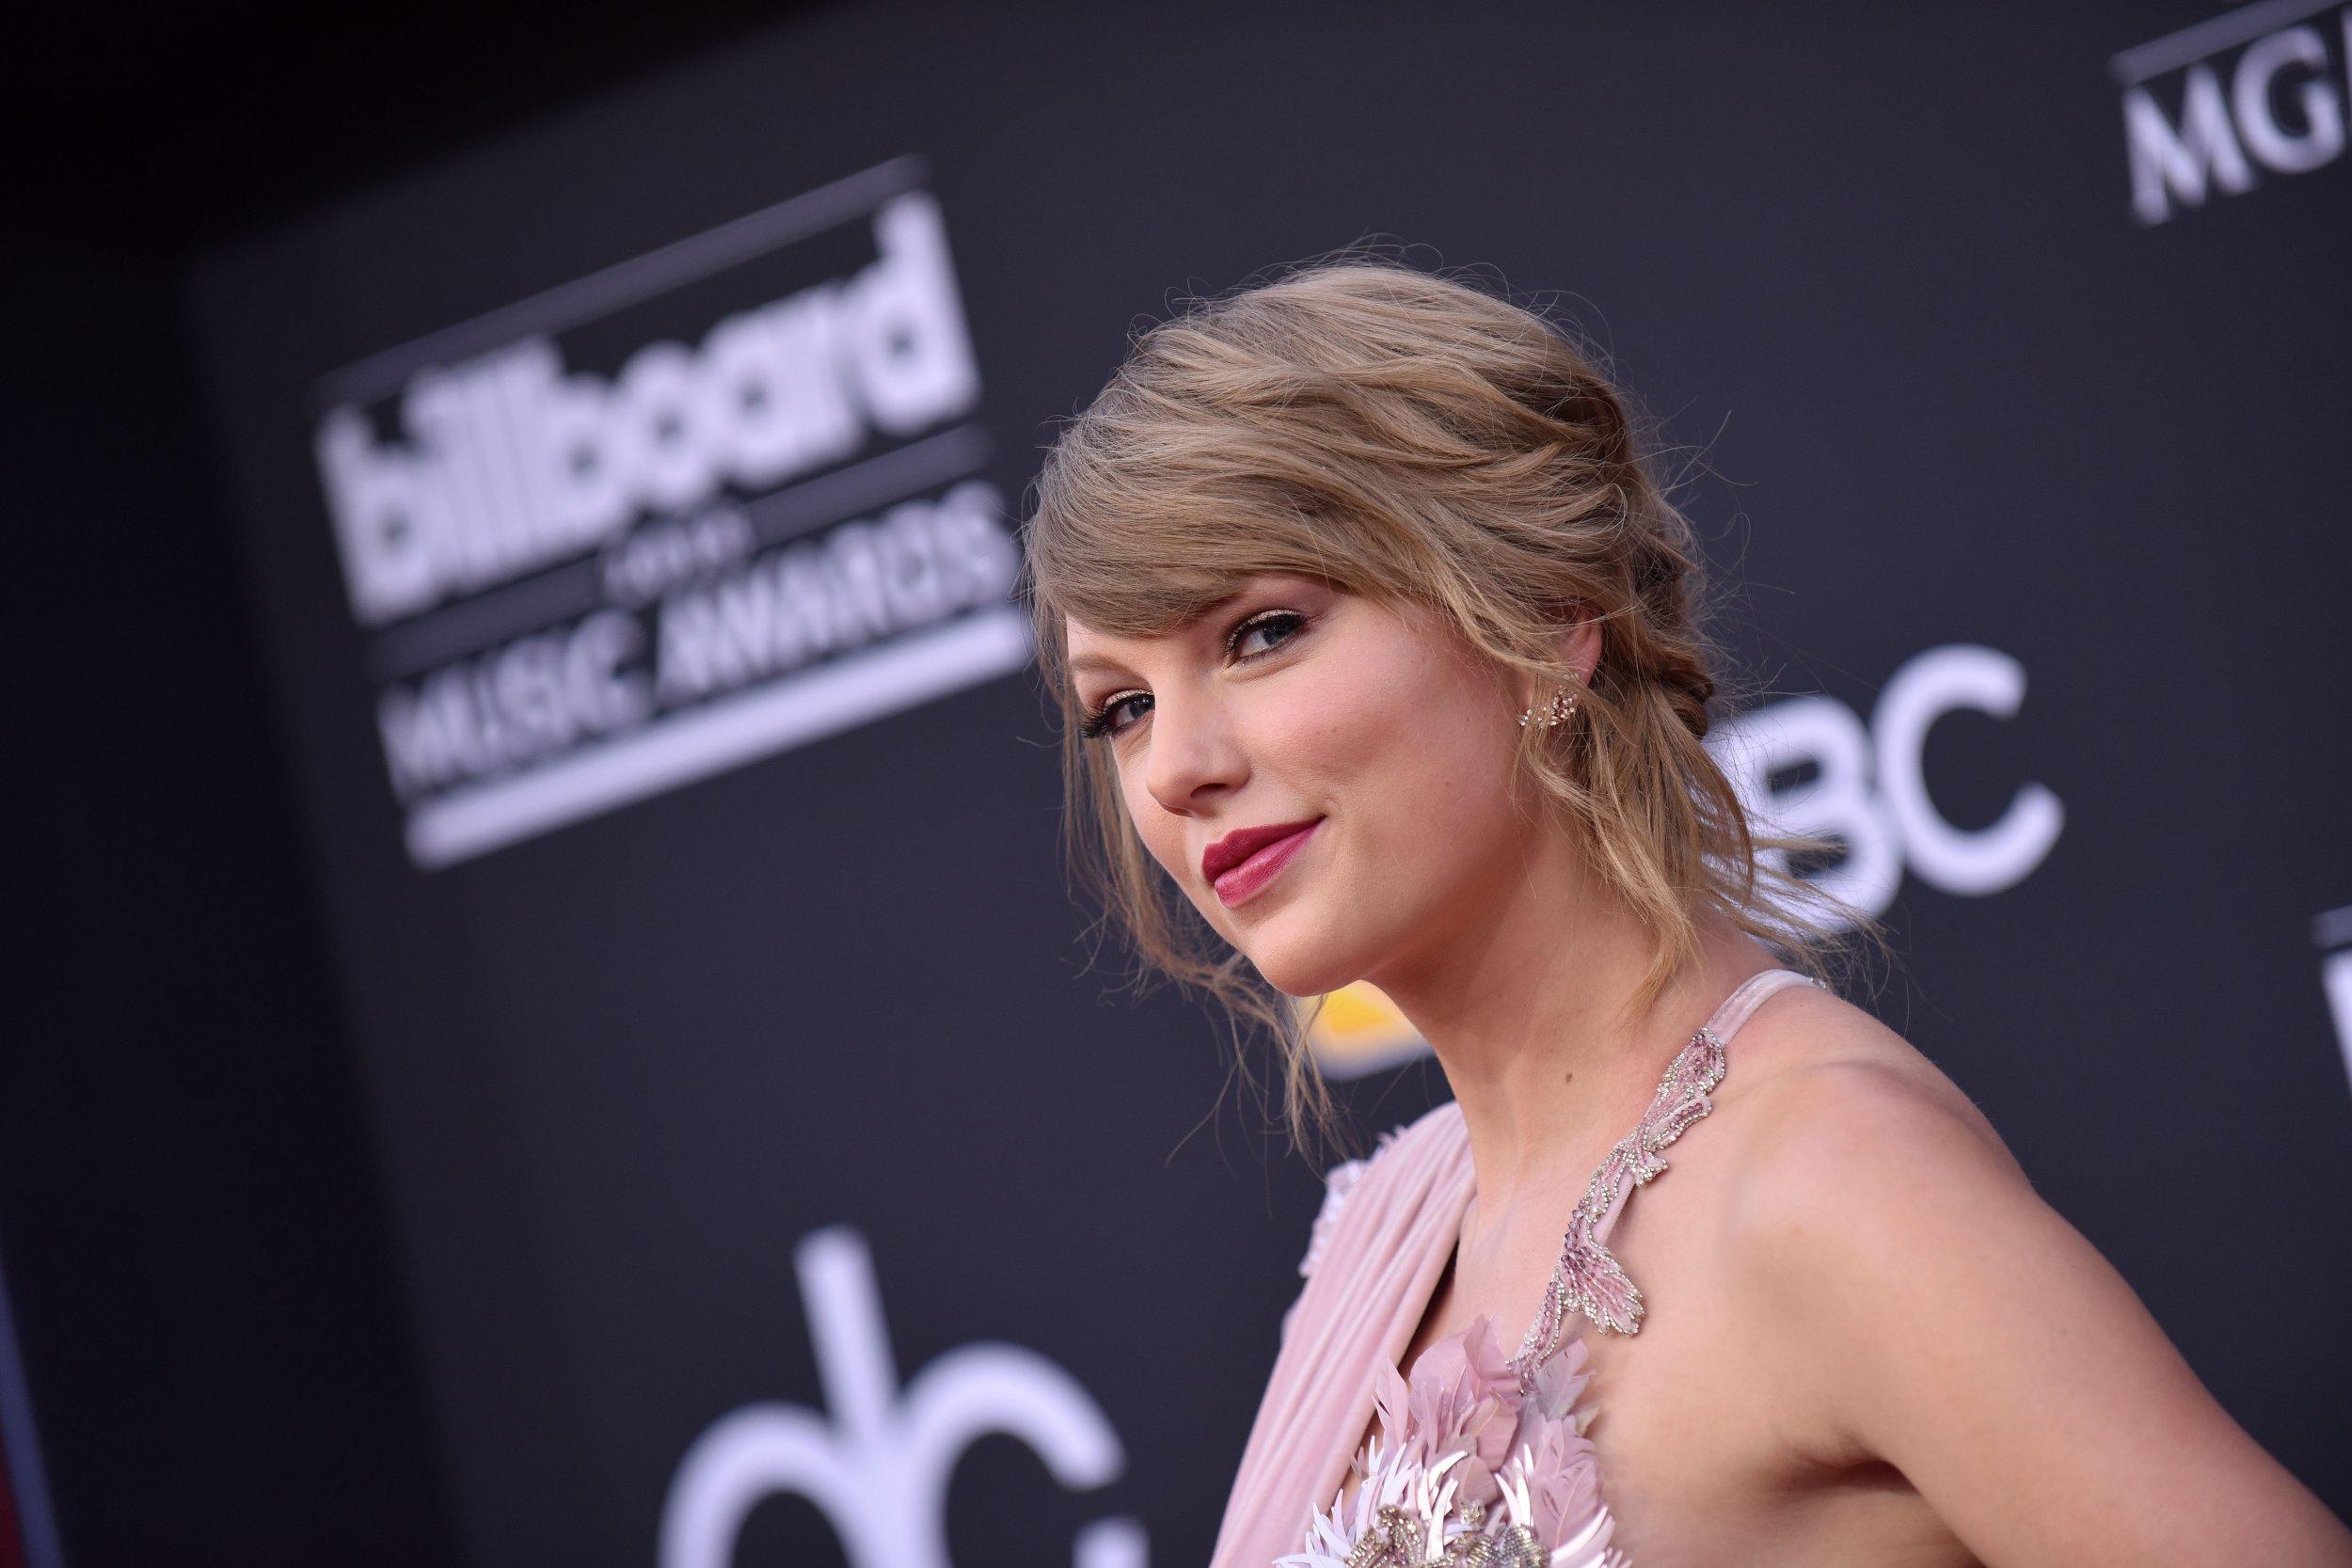 Taylor Swift's Groper David Mueller Still Shocked Singer ...